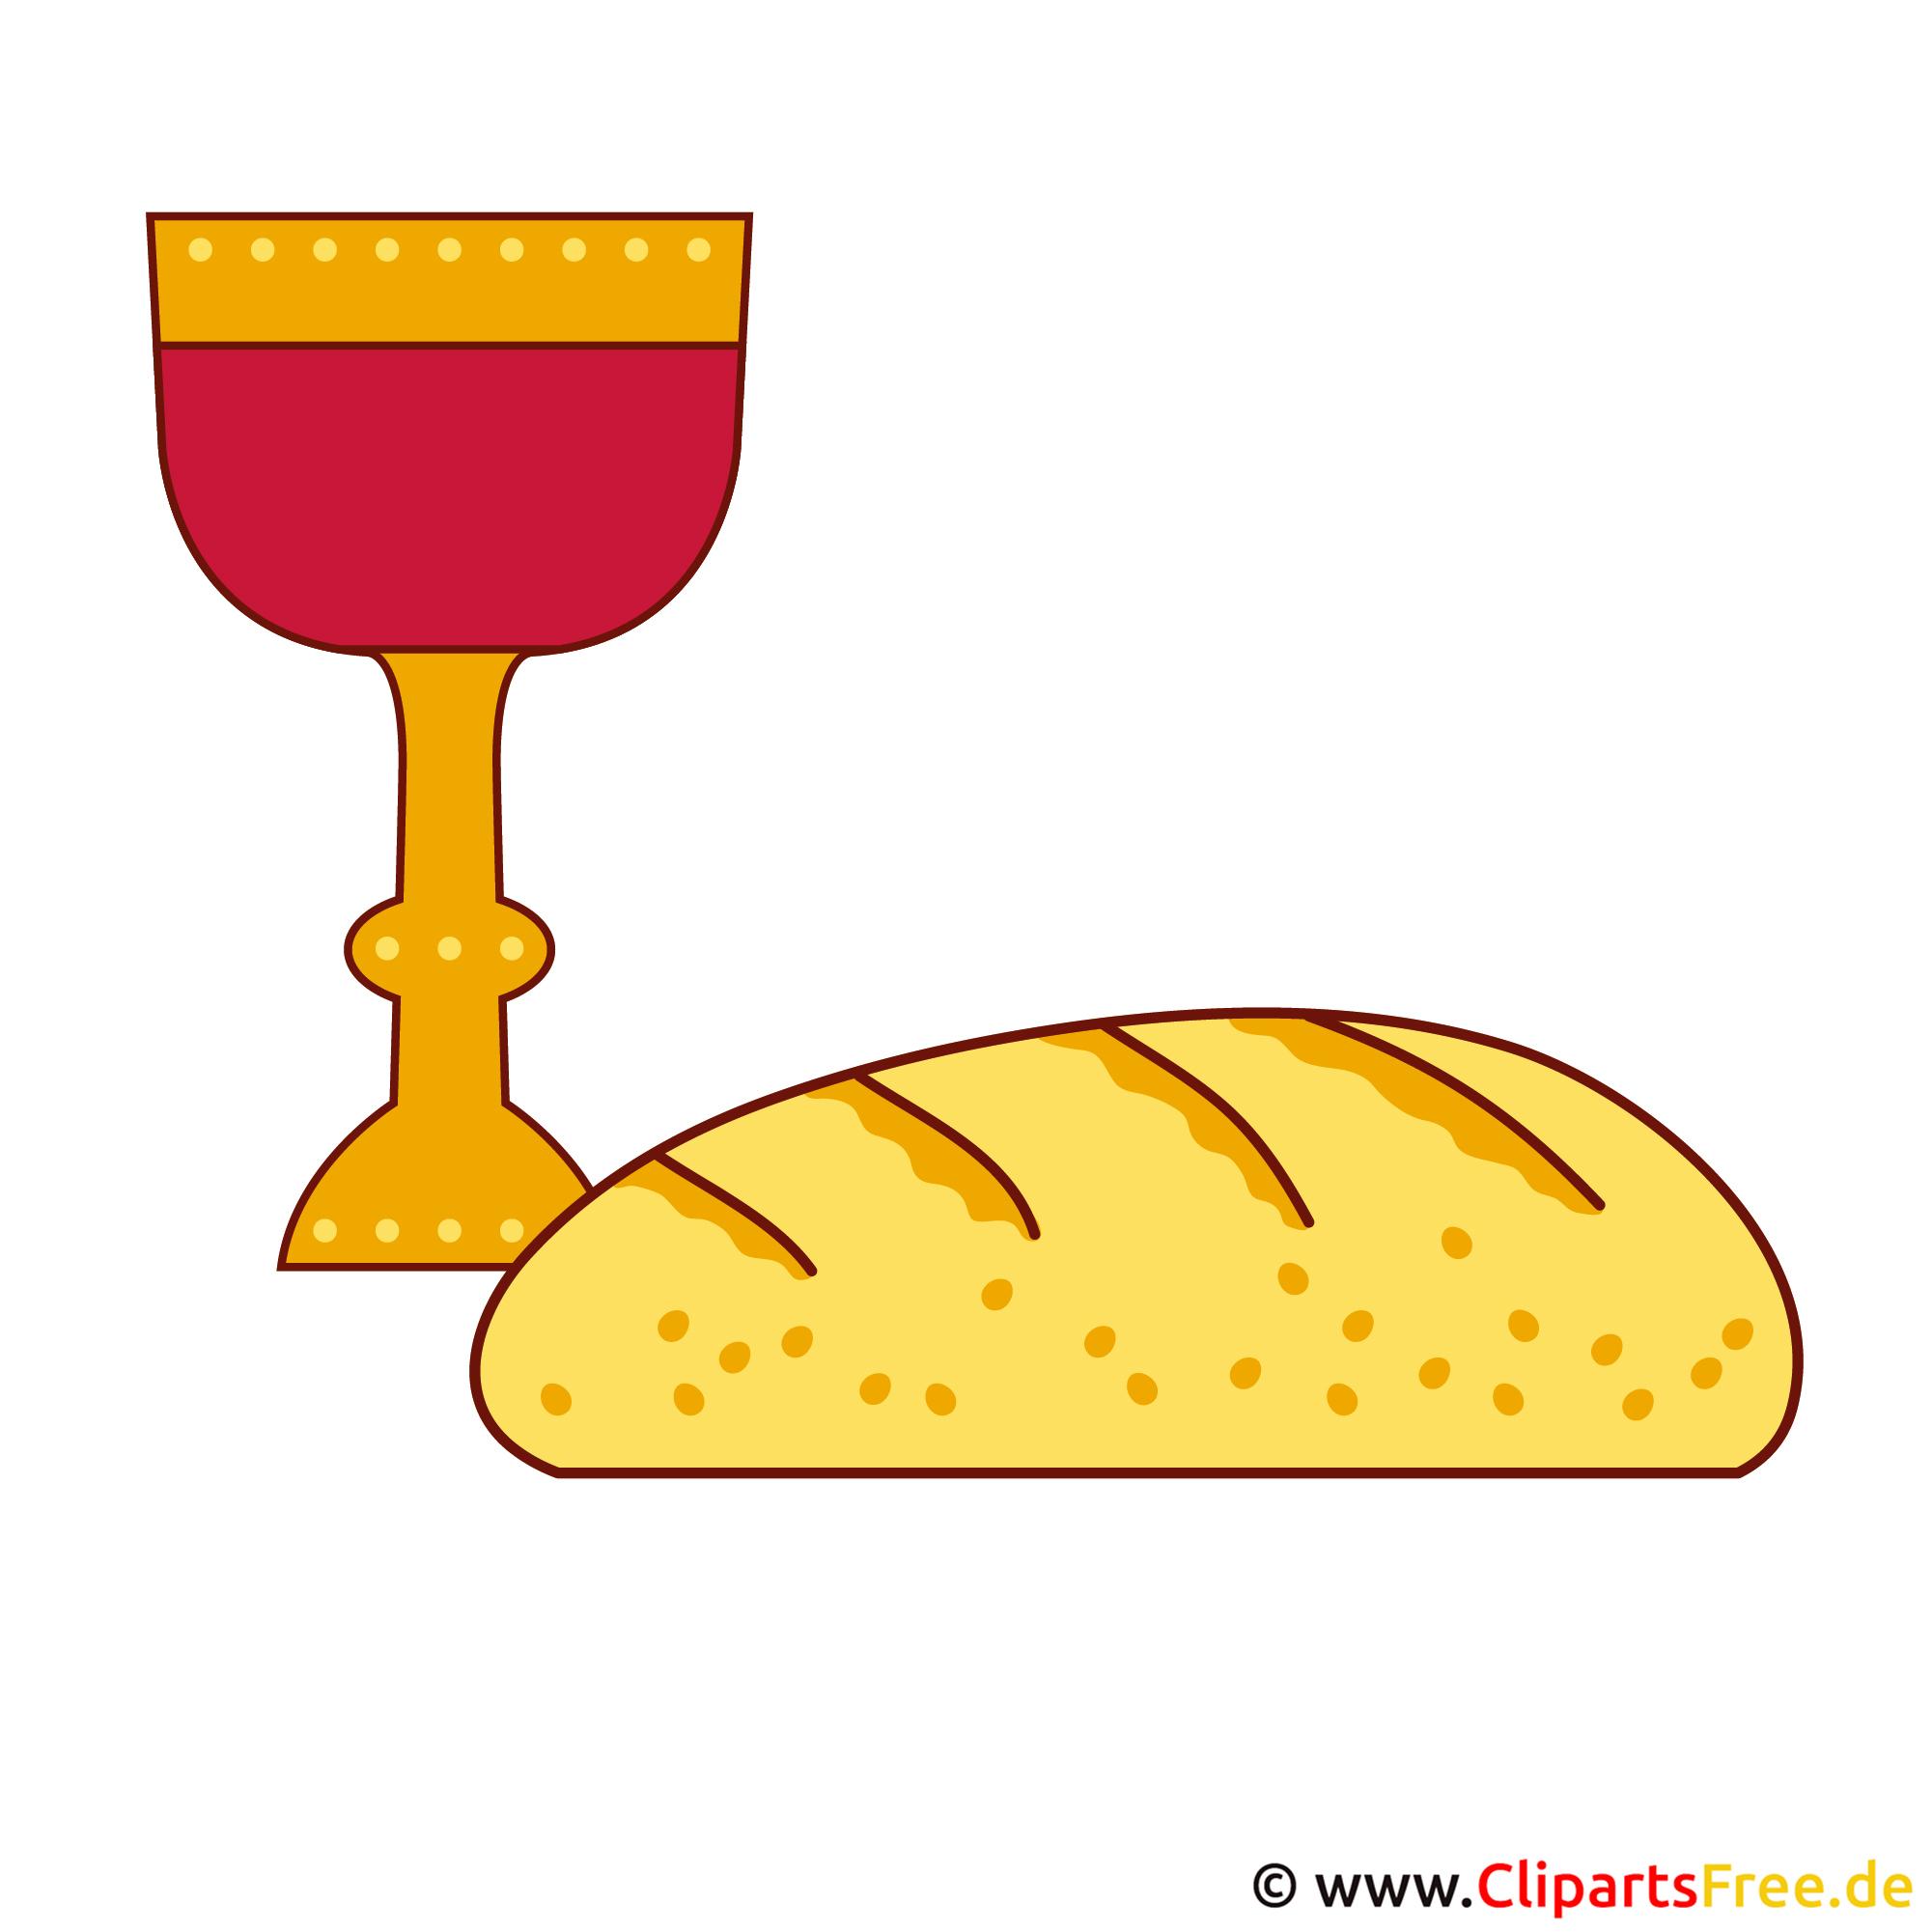 ... Einladungskarten mit gratis Cliparts gestalten - Brot und Wein